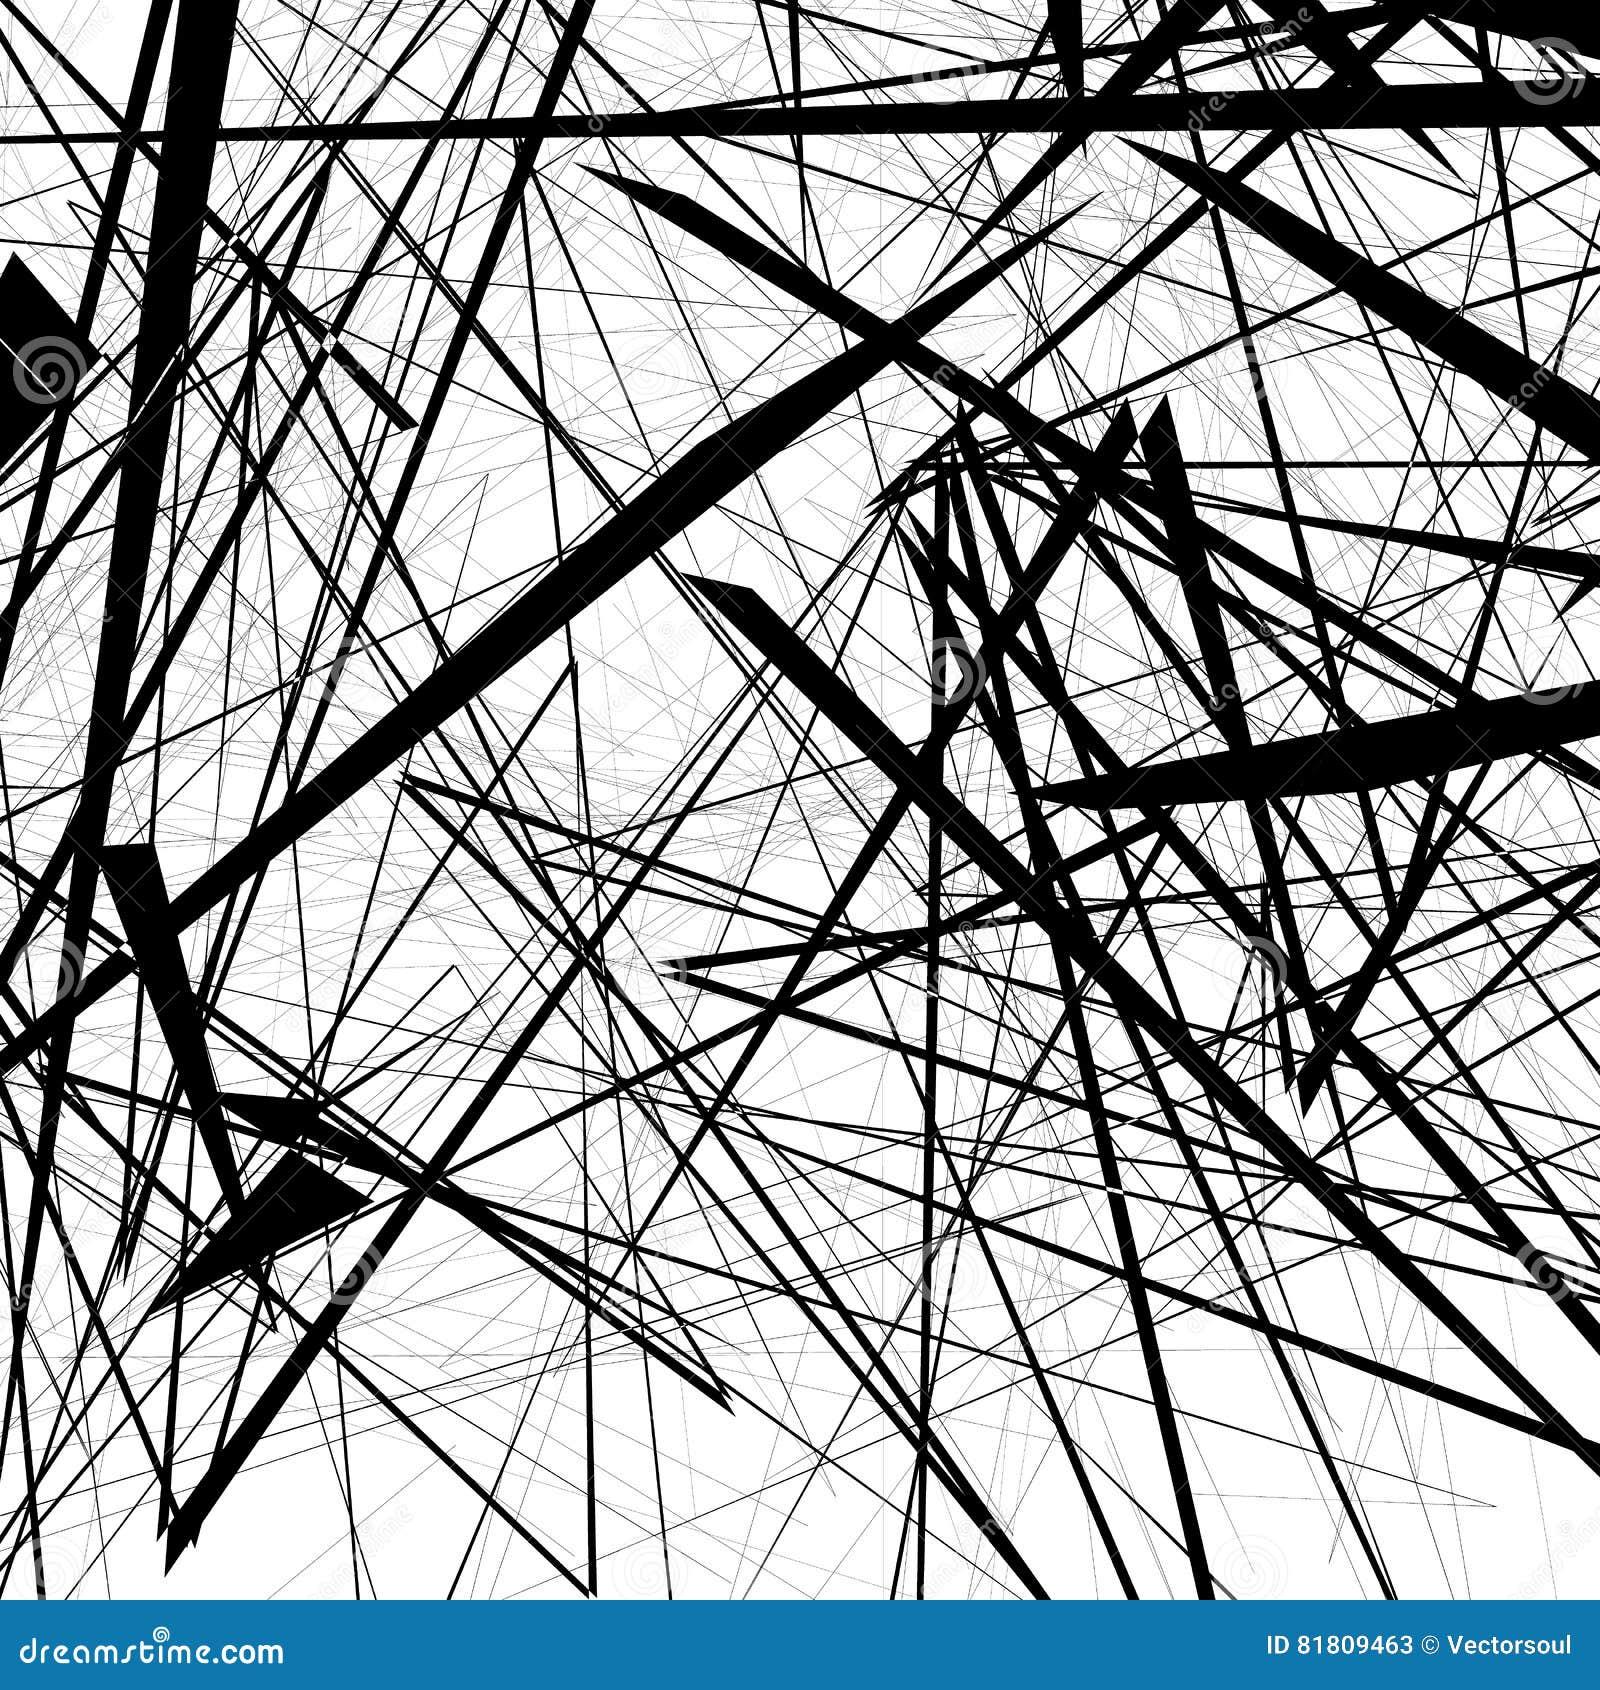 Хаотическая случайная нервная картина Геометрическая абстрактная иллюстрация